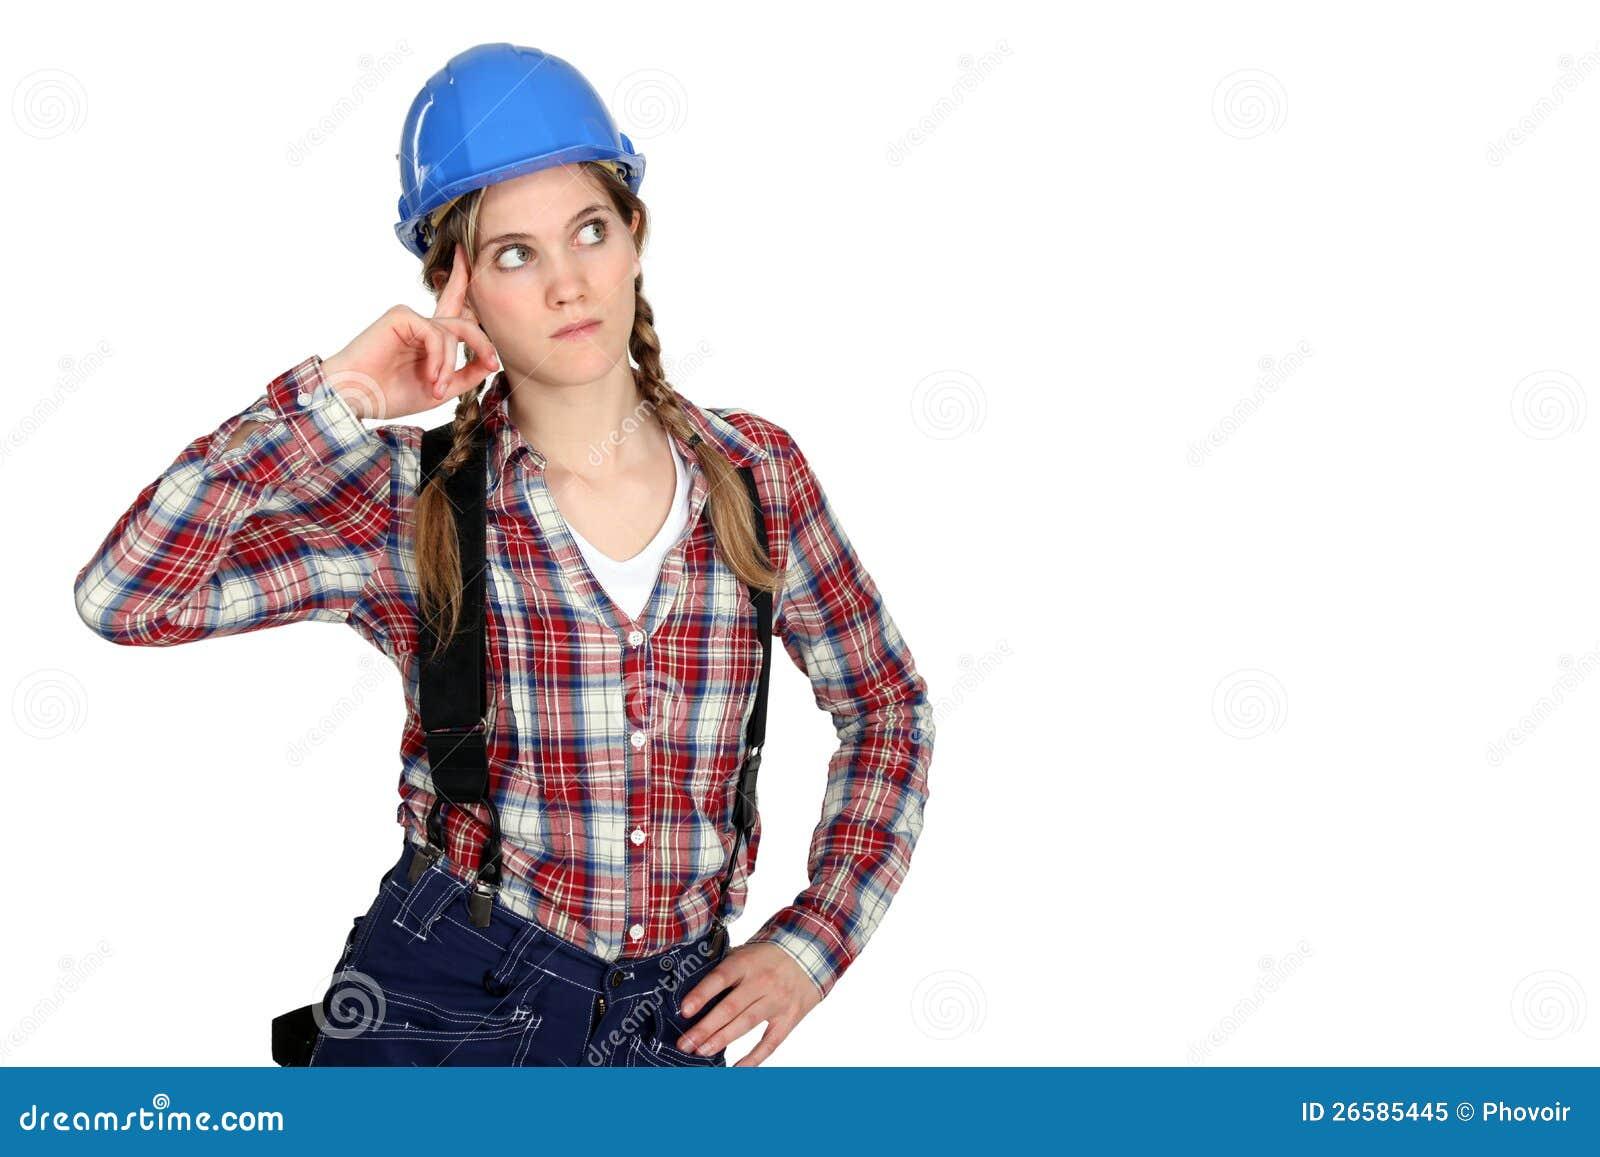 Eftertänksam kvinnligbyggmästare